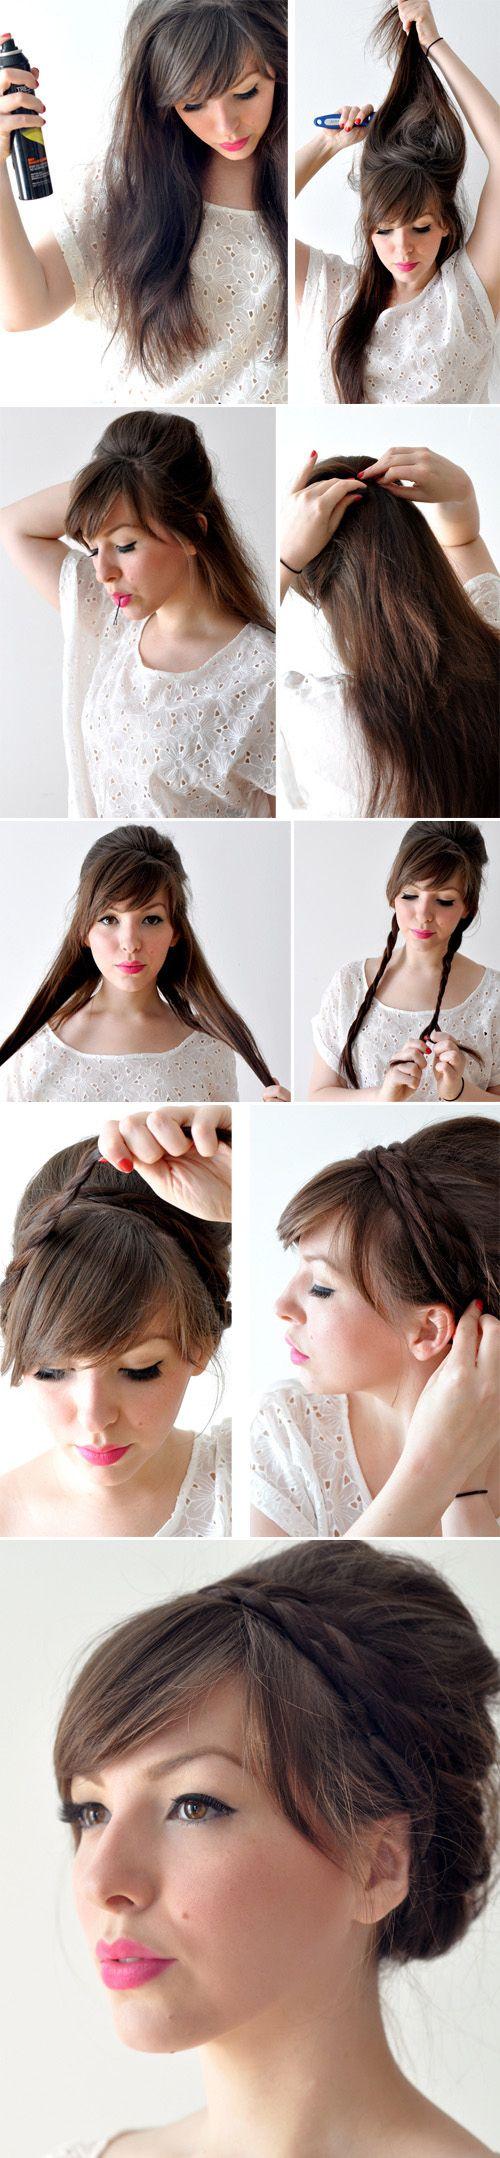 Прически на пышные волосы